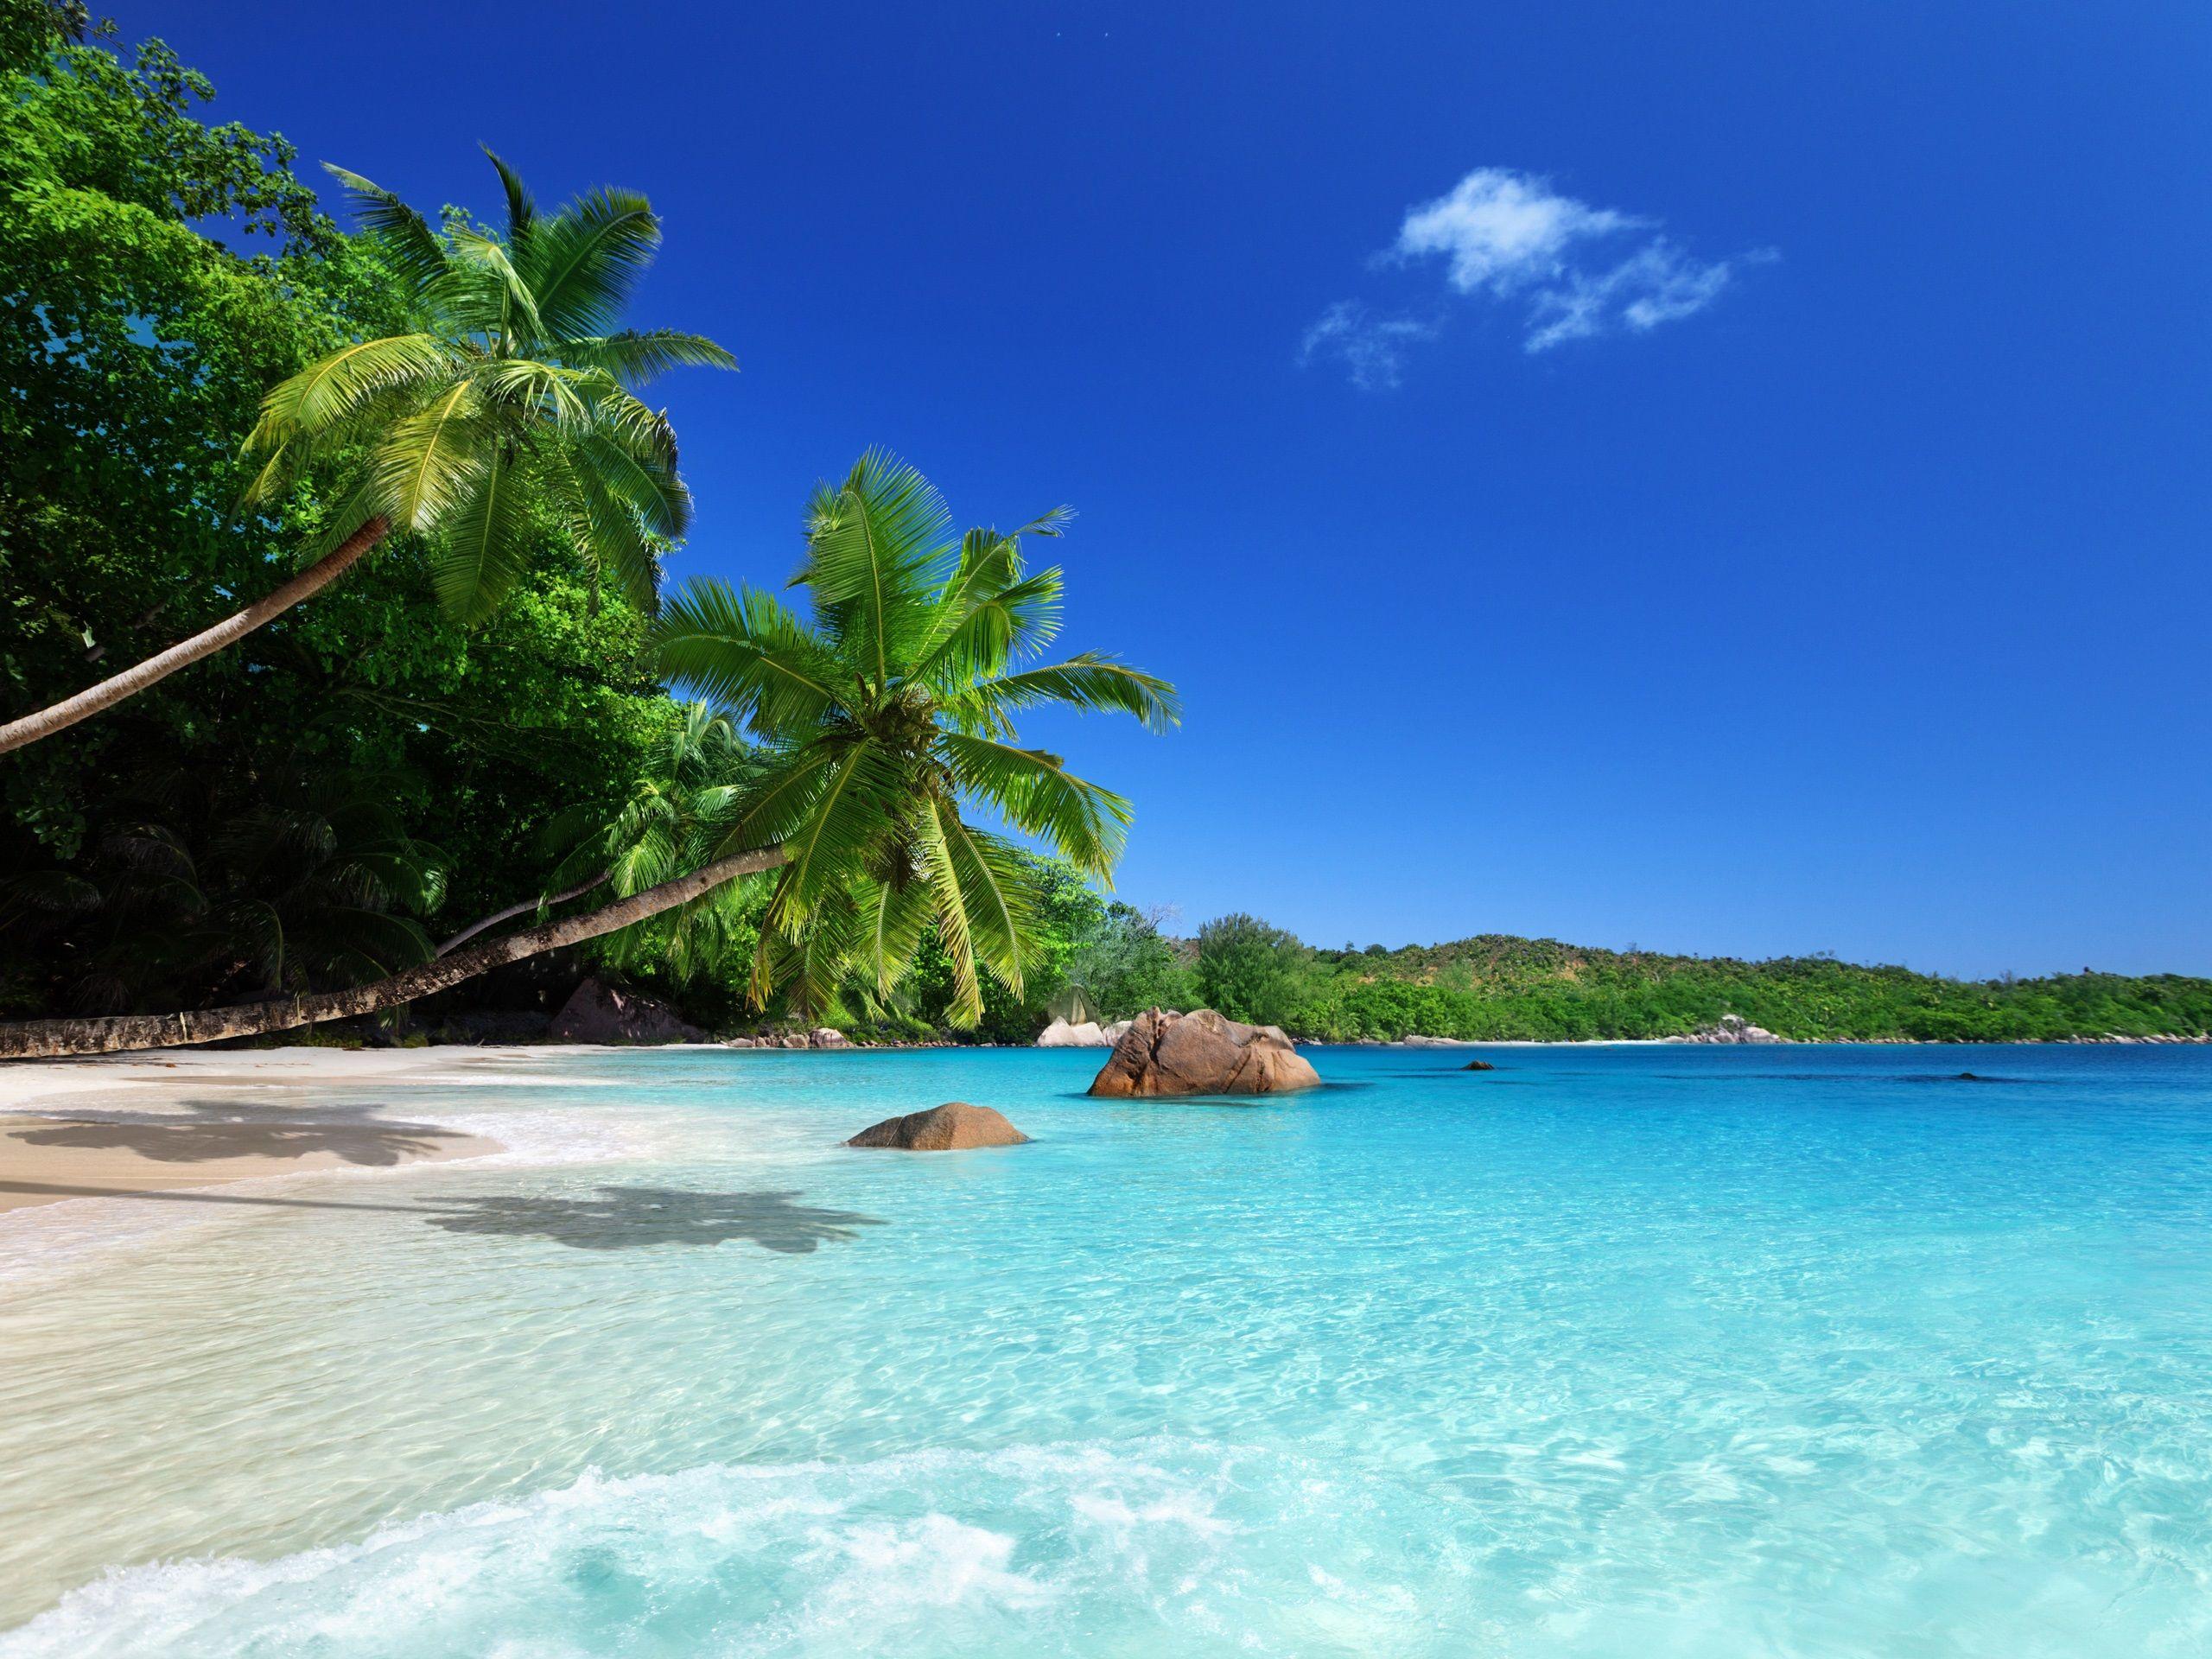 paradis tropical soleil plage cote